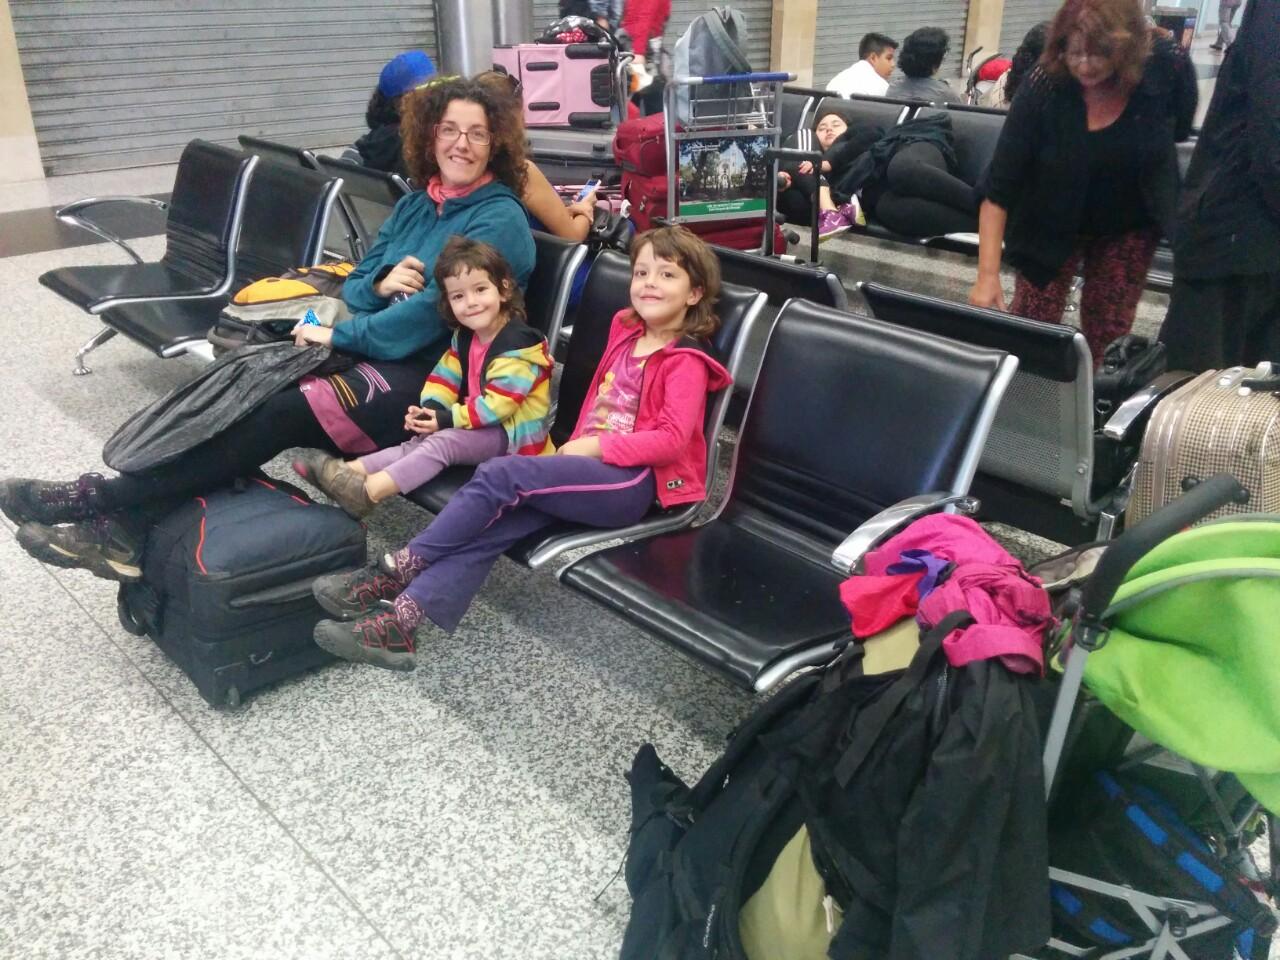 De madrugada, esperando en el aeropuerto de Guayaquil. Aquí no hay quien duerma